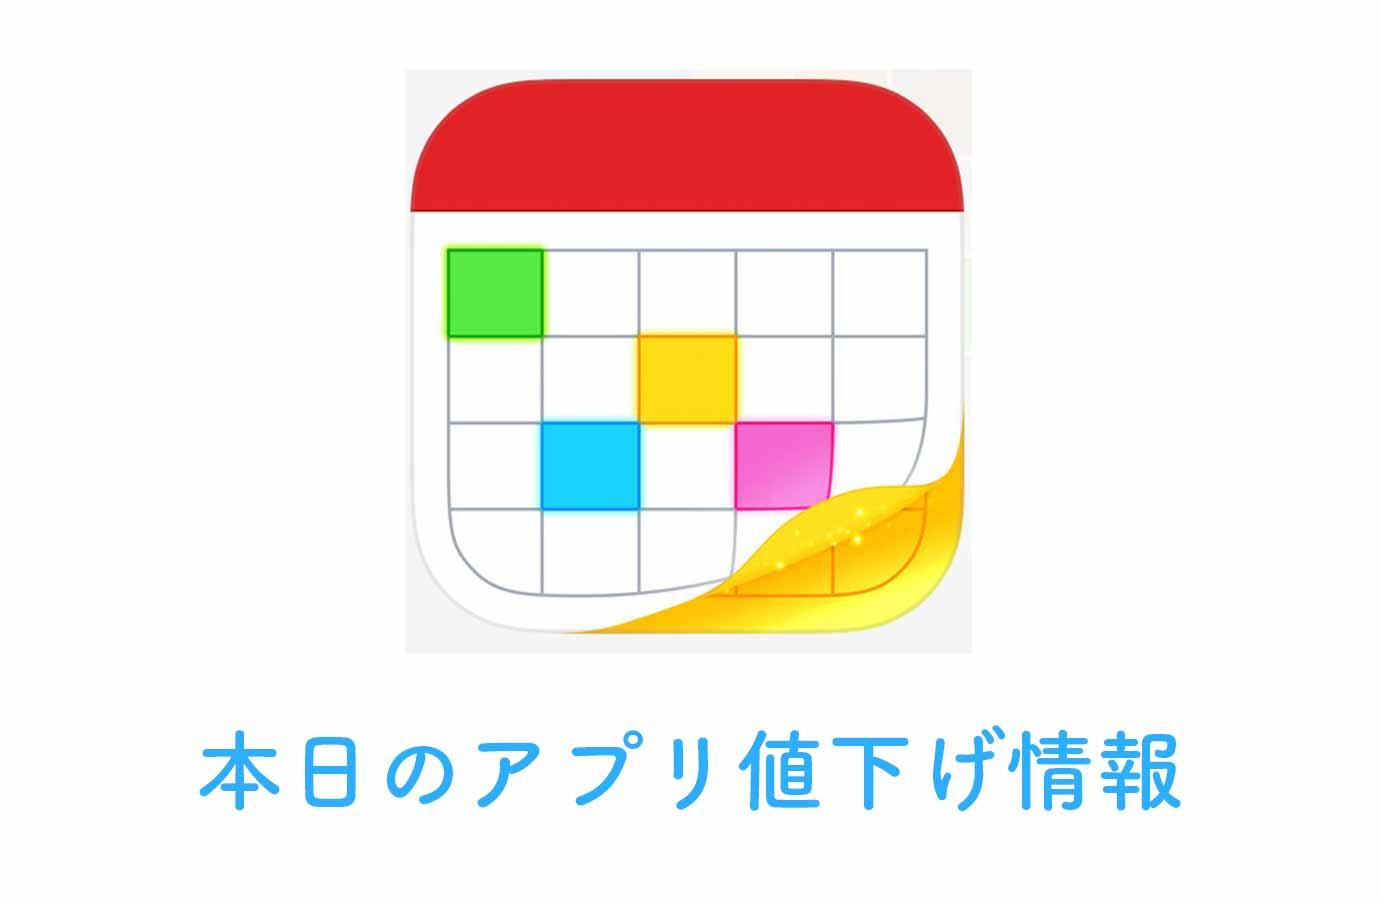 600円→360円!カレンダーアプリ「Fantastical 2 for iPhone」など【12/24】アプリ値下げ情報